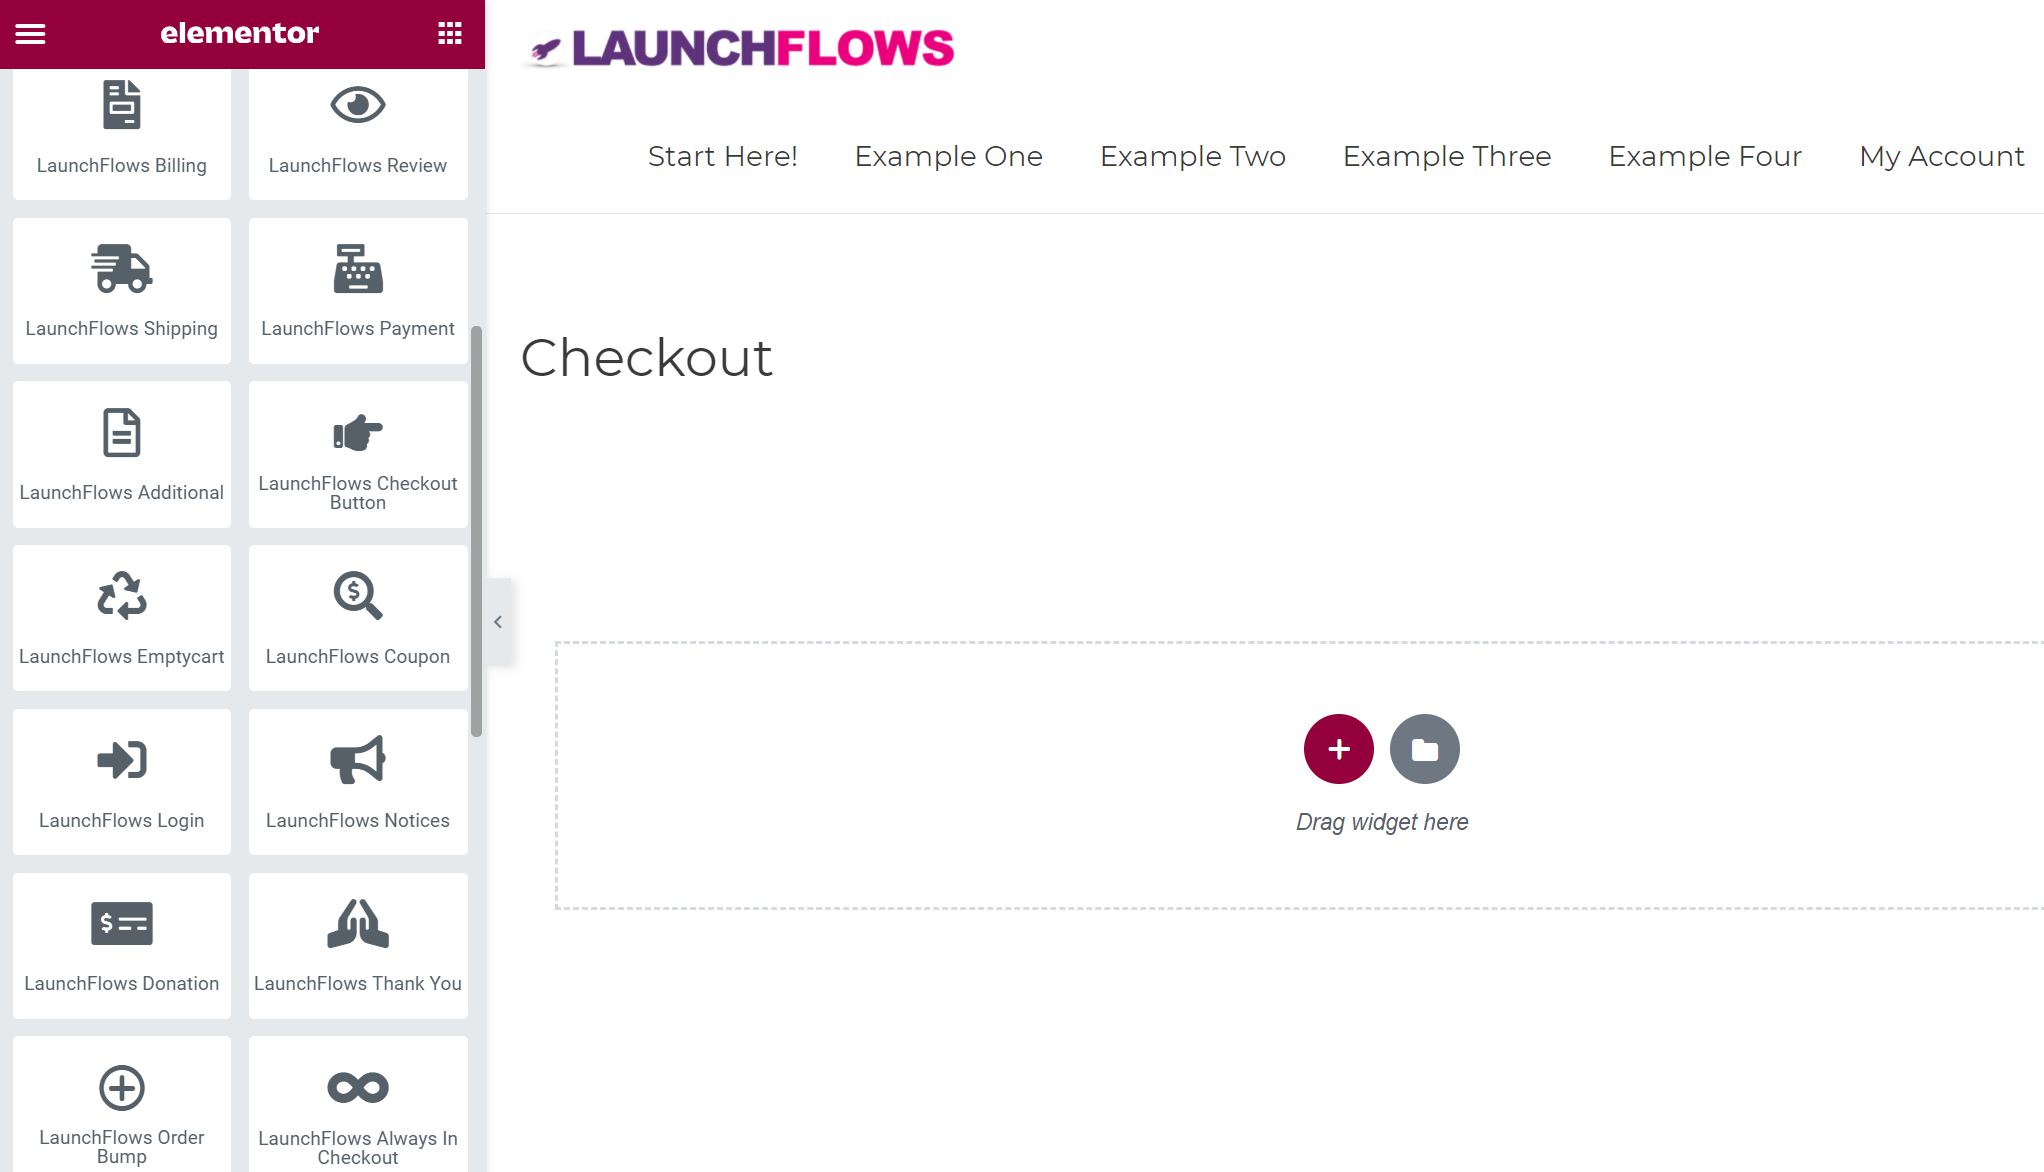 LaunchFlows - Elementor Widget